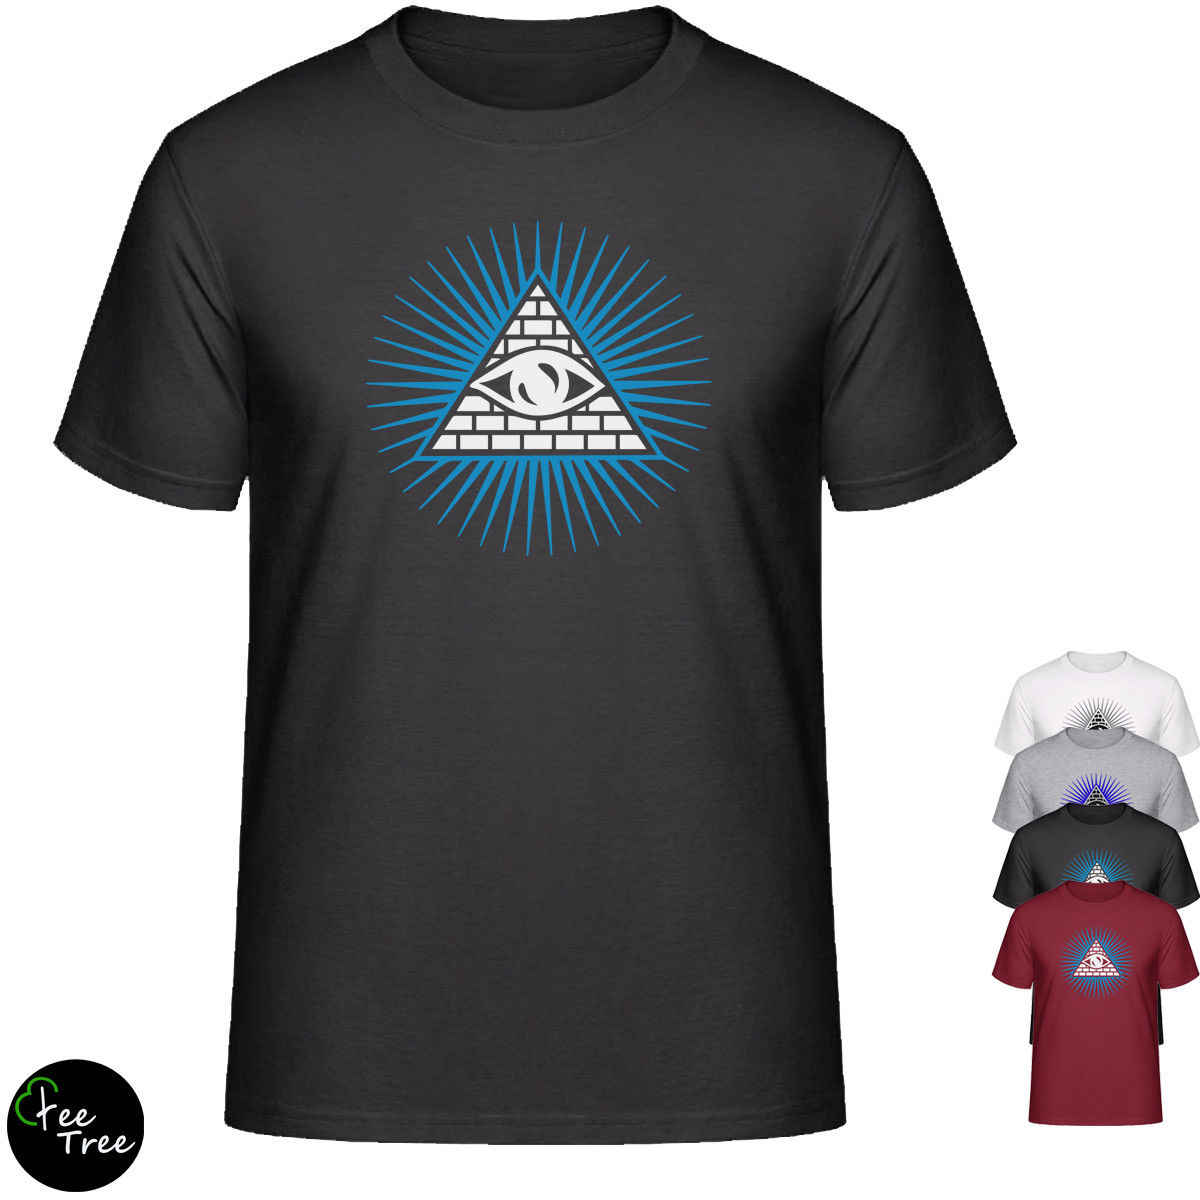 """""""Illuminati eye"""" простая футболка унисекс, дизайнерская хлопковая футболка, повседневная принтованная футболка, забавная футболка в стиле хип-хоп, мужские футболки"""